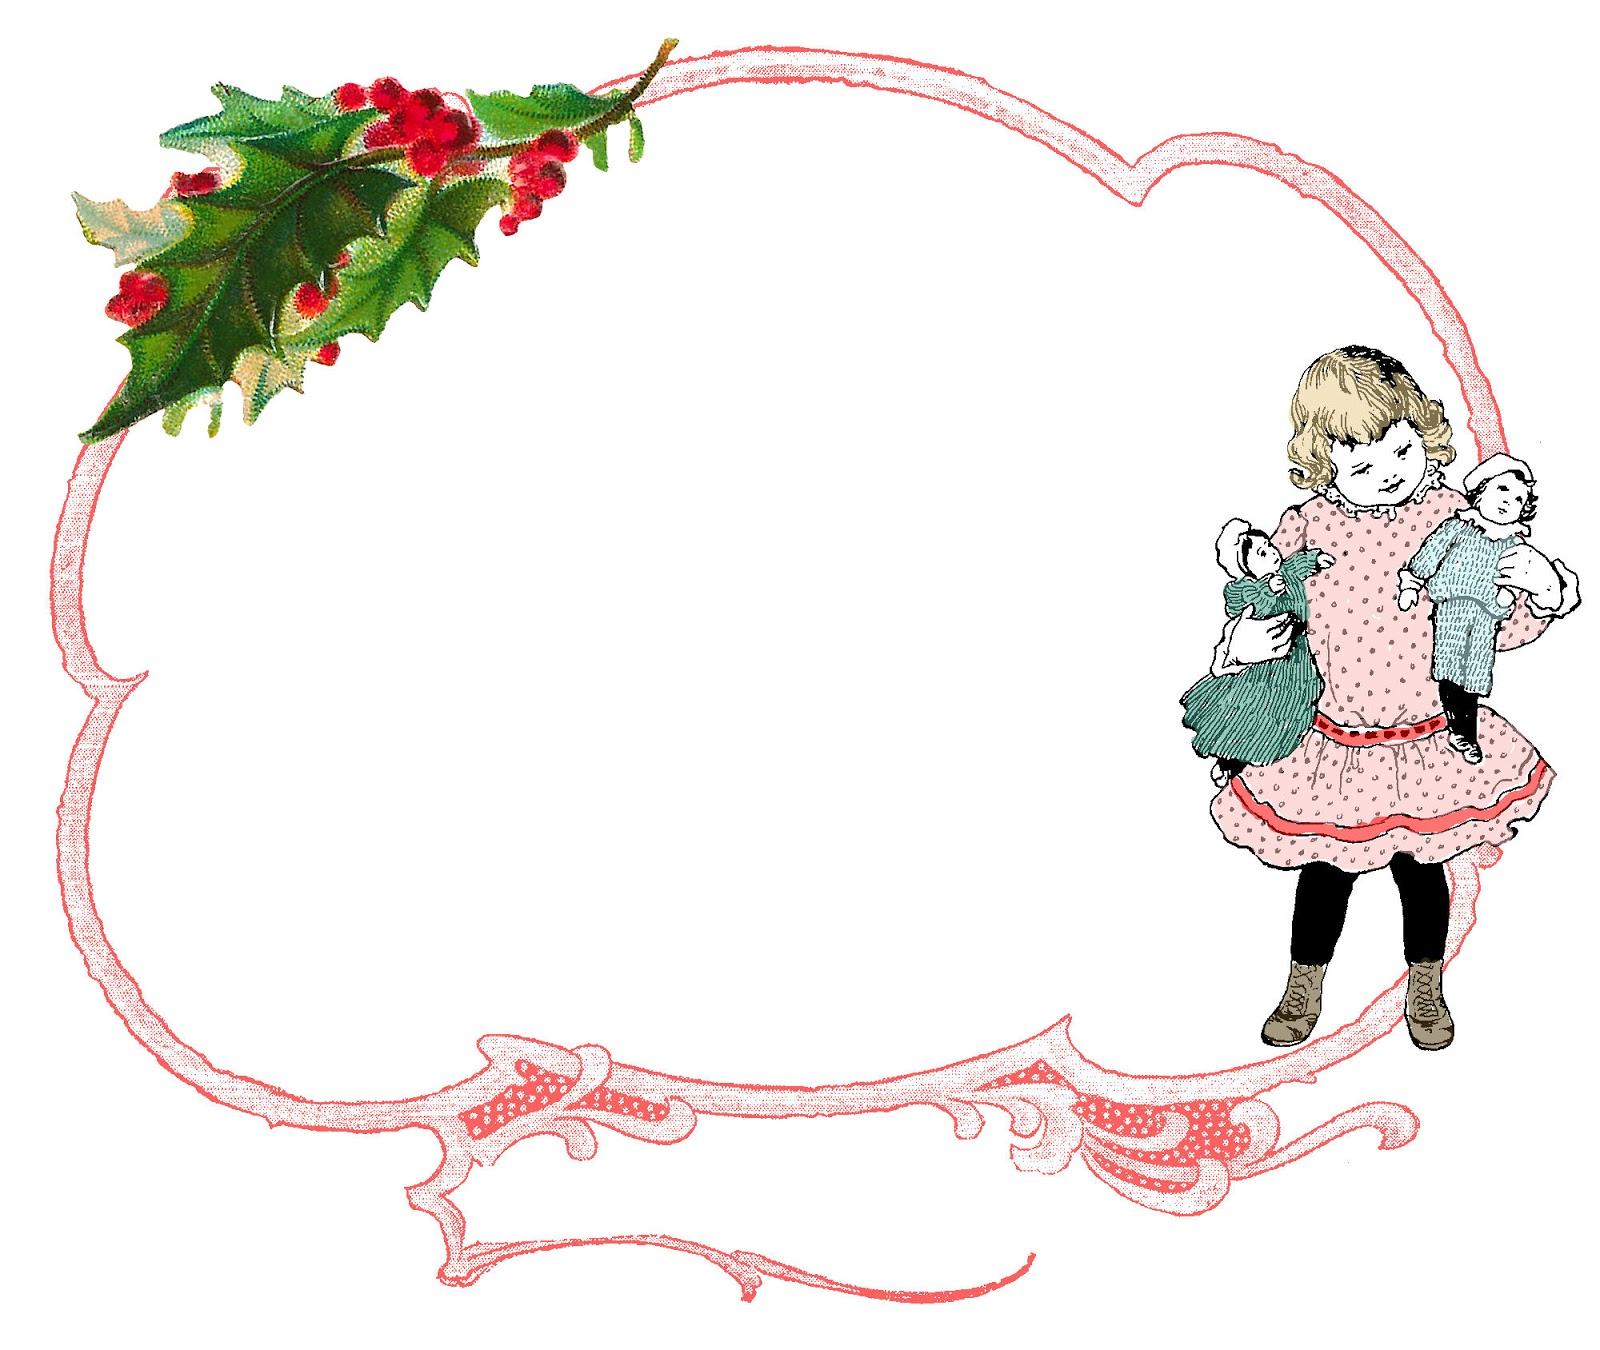 Christmas Toys Border : The graphics monarch printable christmas border crafting